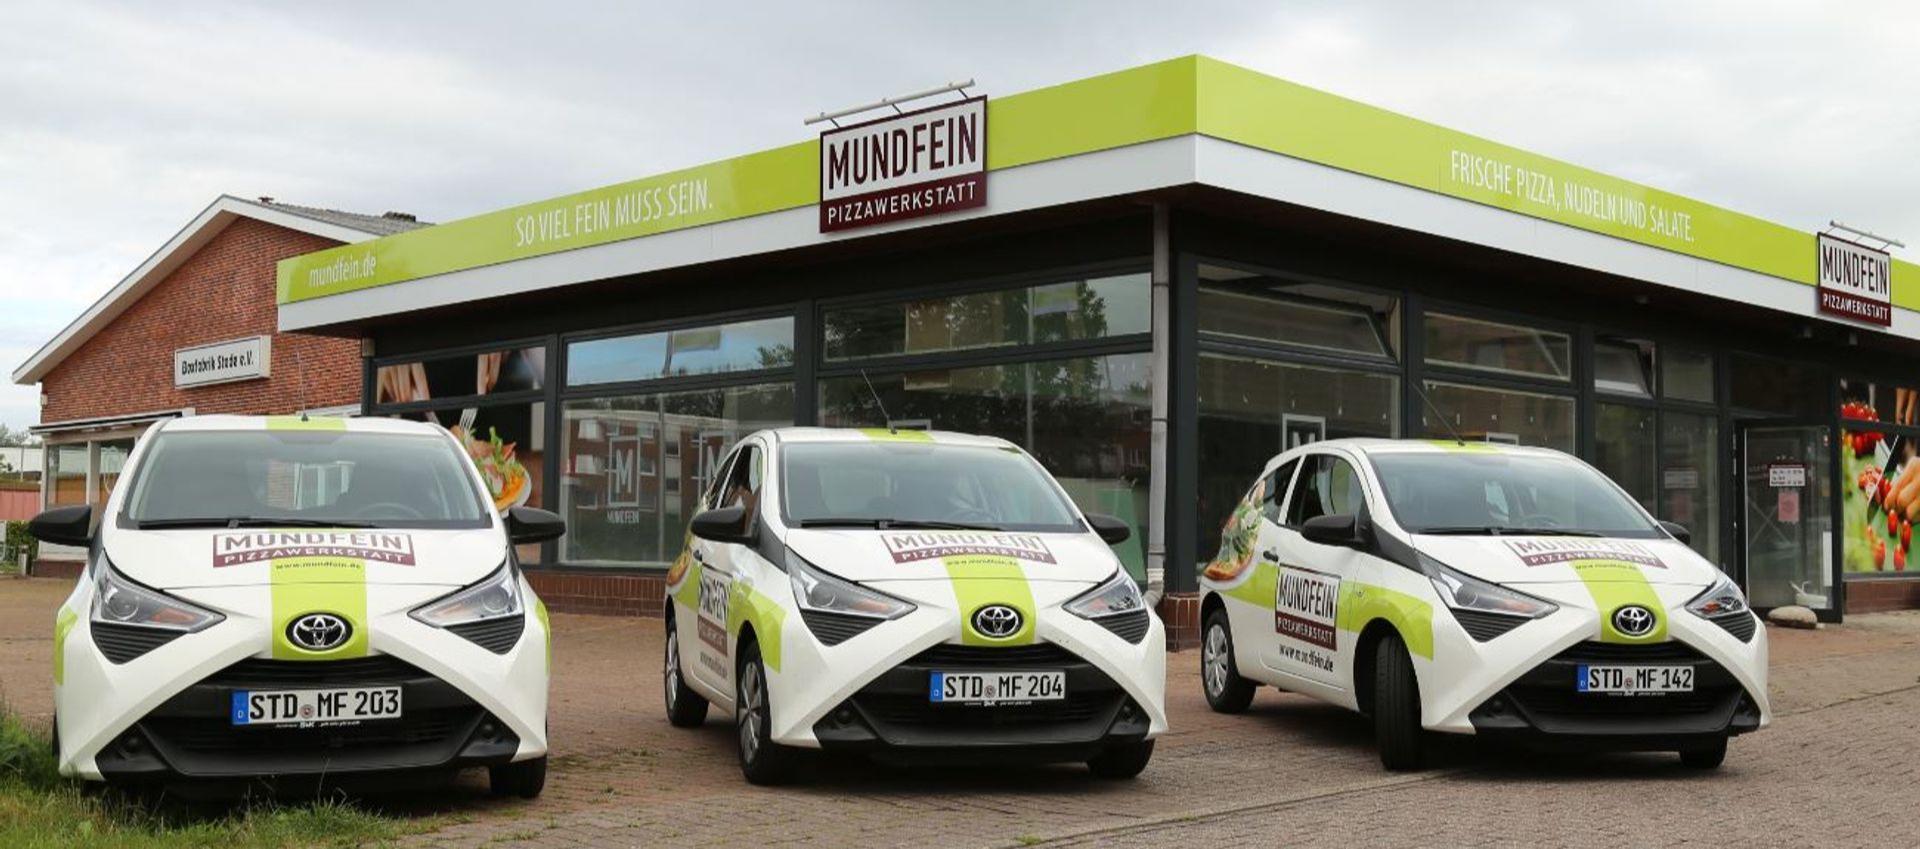 MUNDFEIN – Eröffnung der 40. Pizzawerkstatt